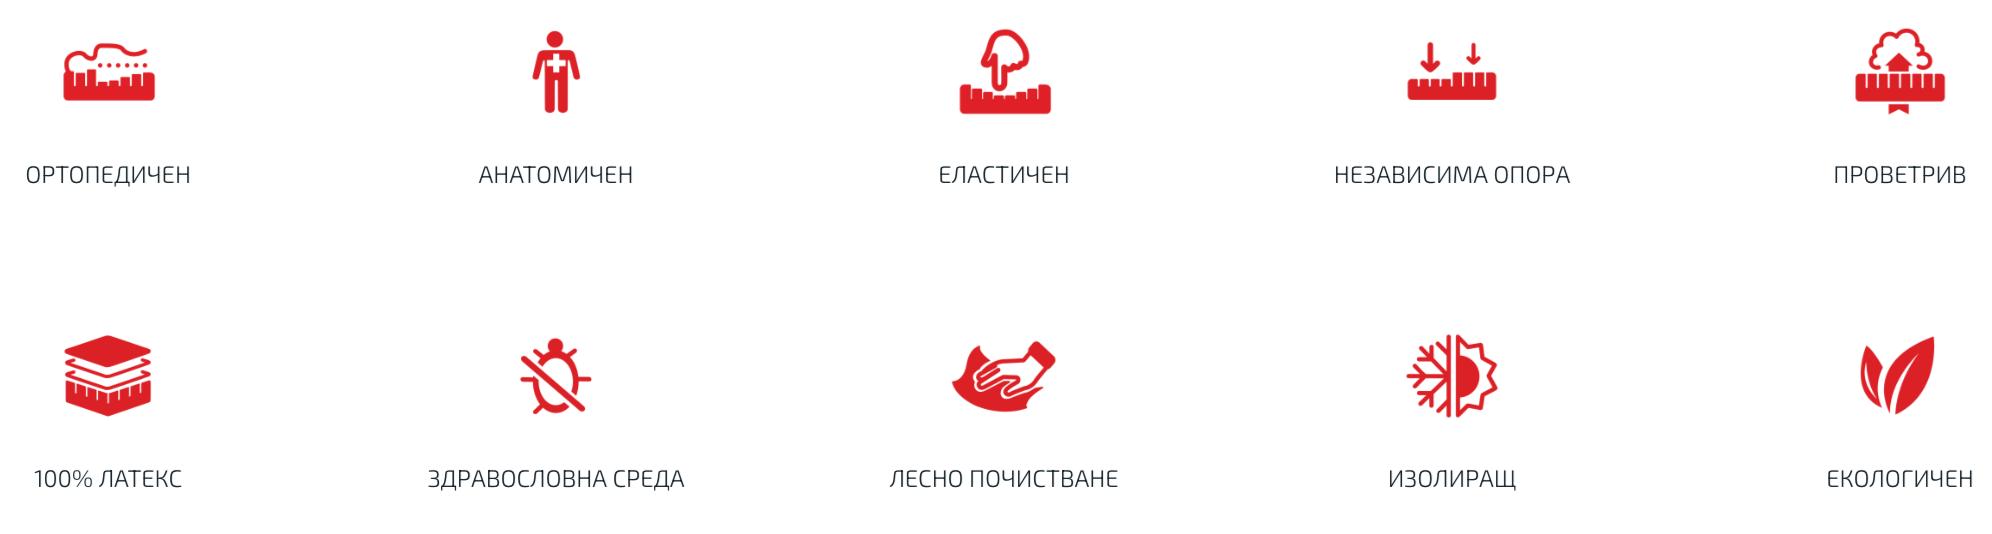 Матраk ЕКОН ЛАТЕКС Стандарт 3D